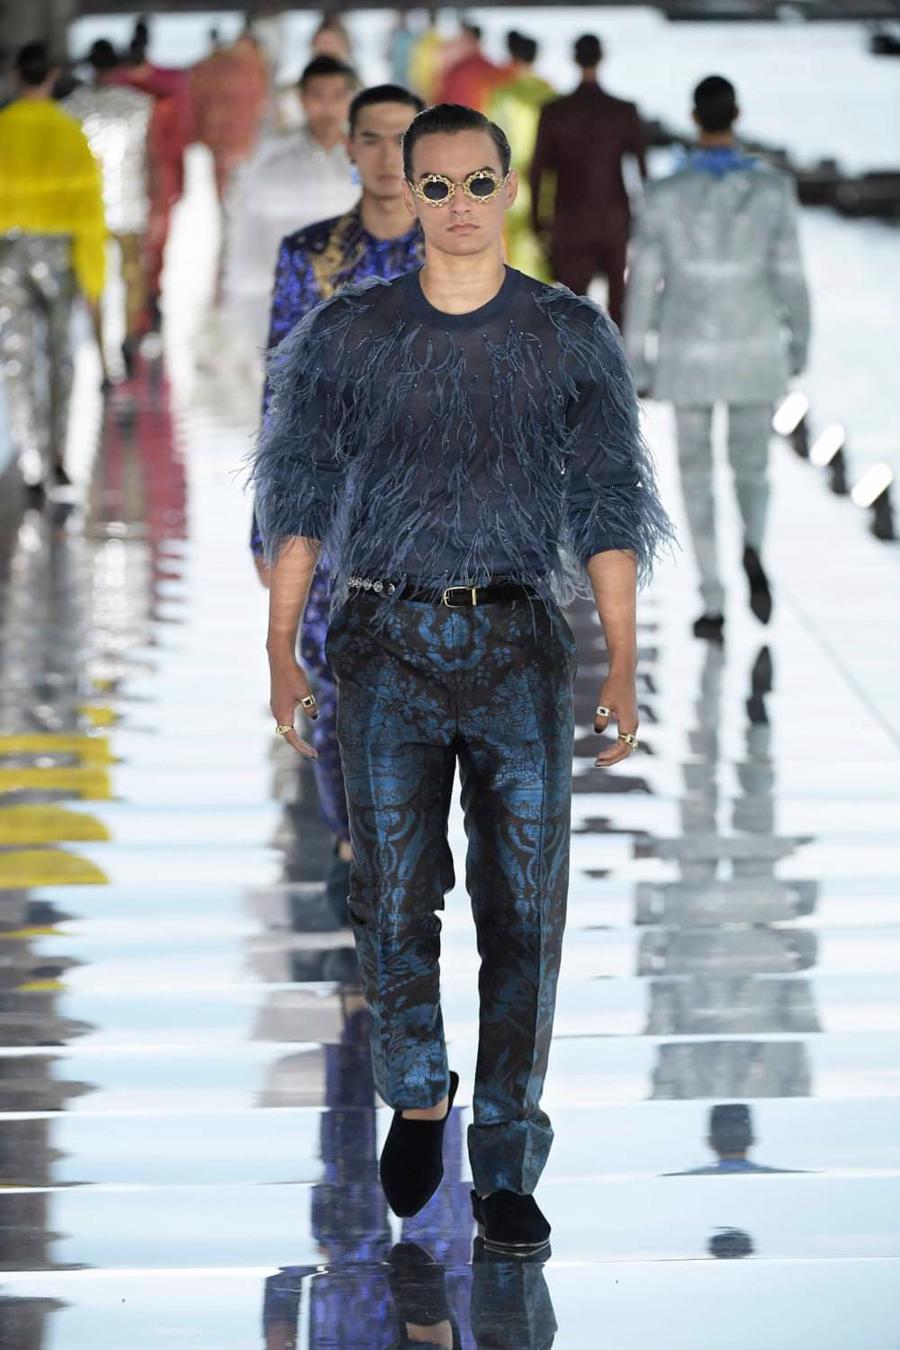 Thế giới chứng kiến những gì sau bữa tiệc xa hoa của Dolce & Gabbana? - Ảnh 10